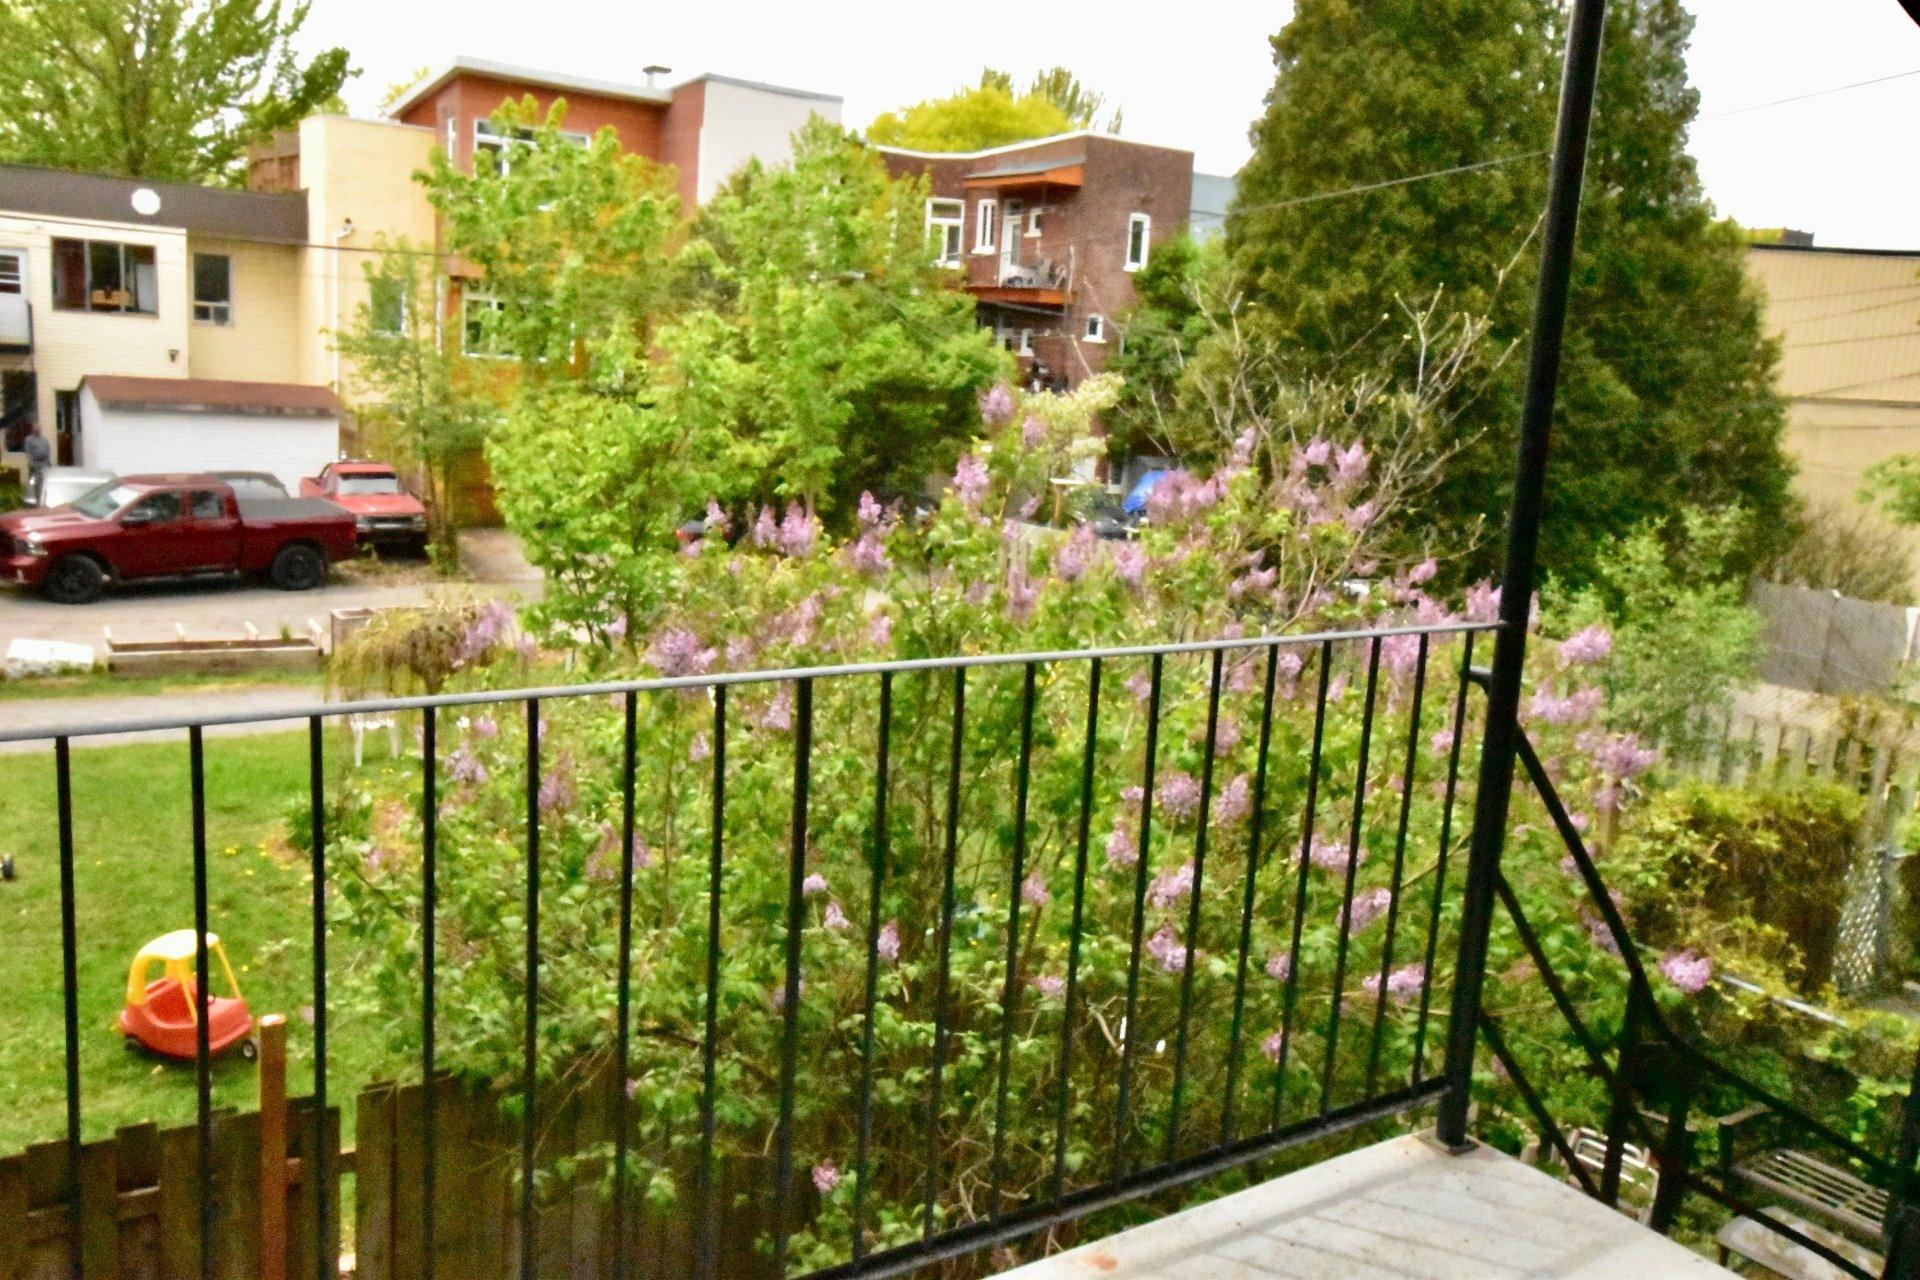 image 27 - Maison À louer Montréal Le Plateau-Mont-Royal  - 14 pièces